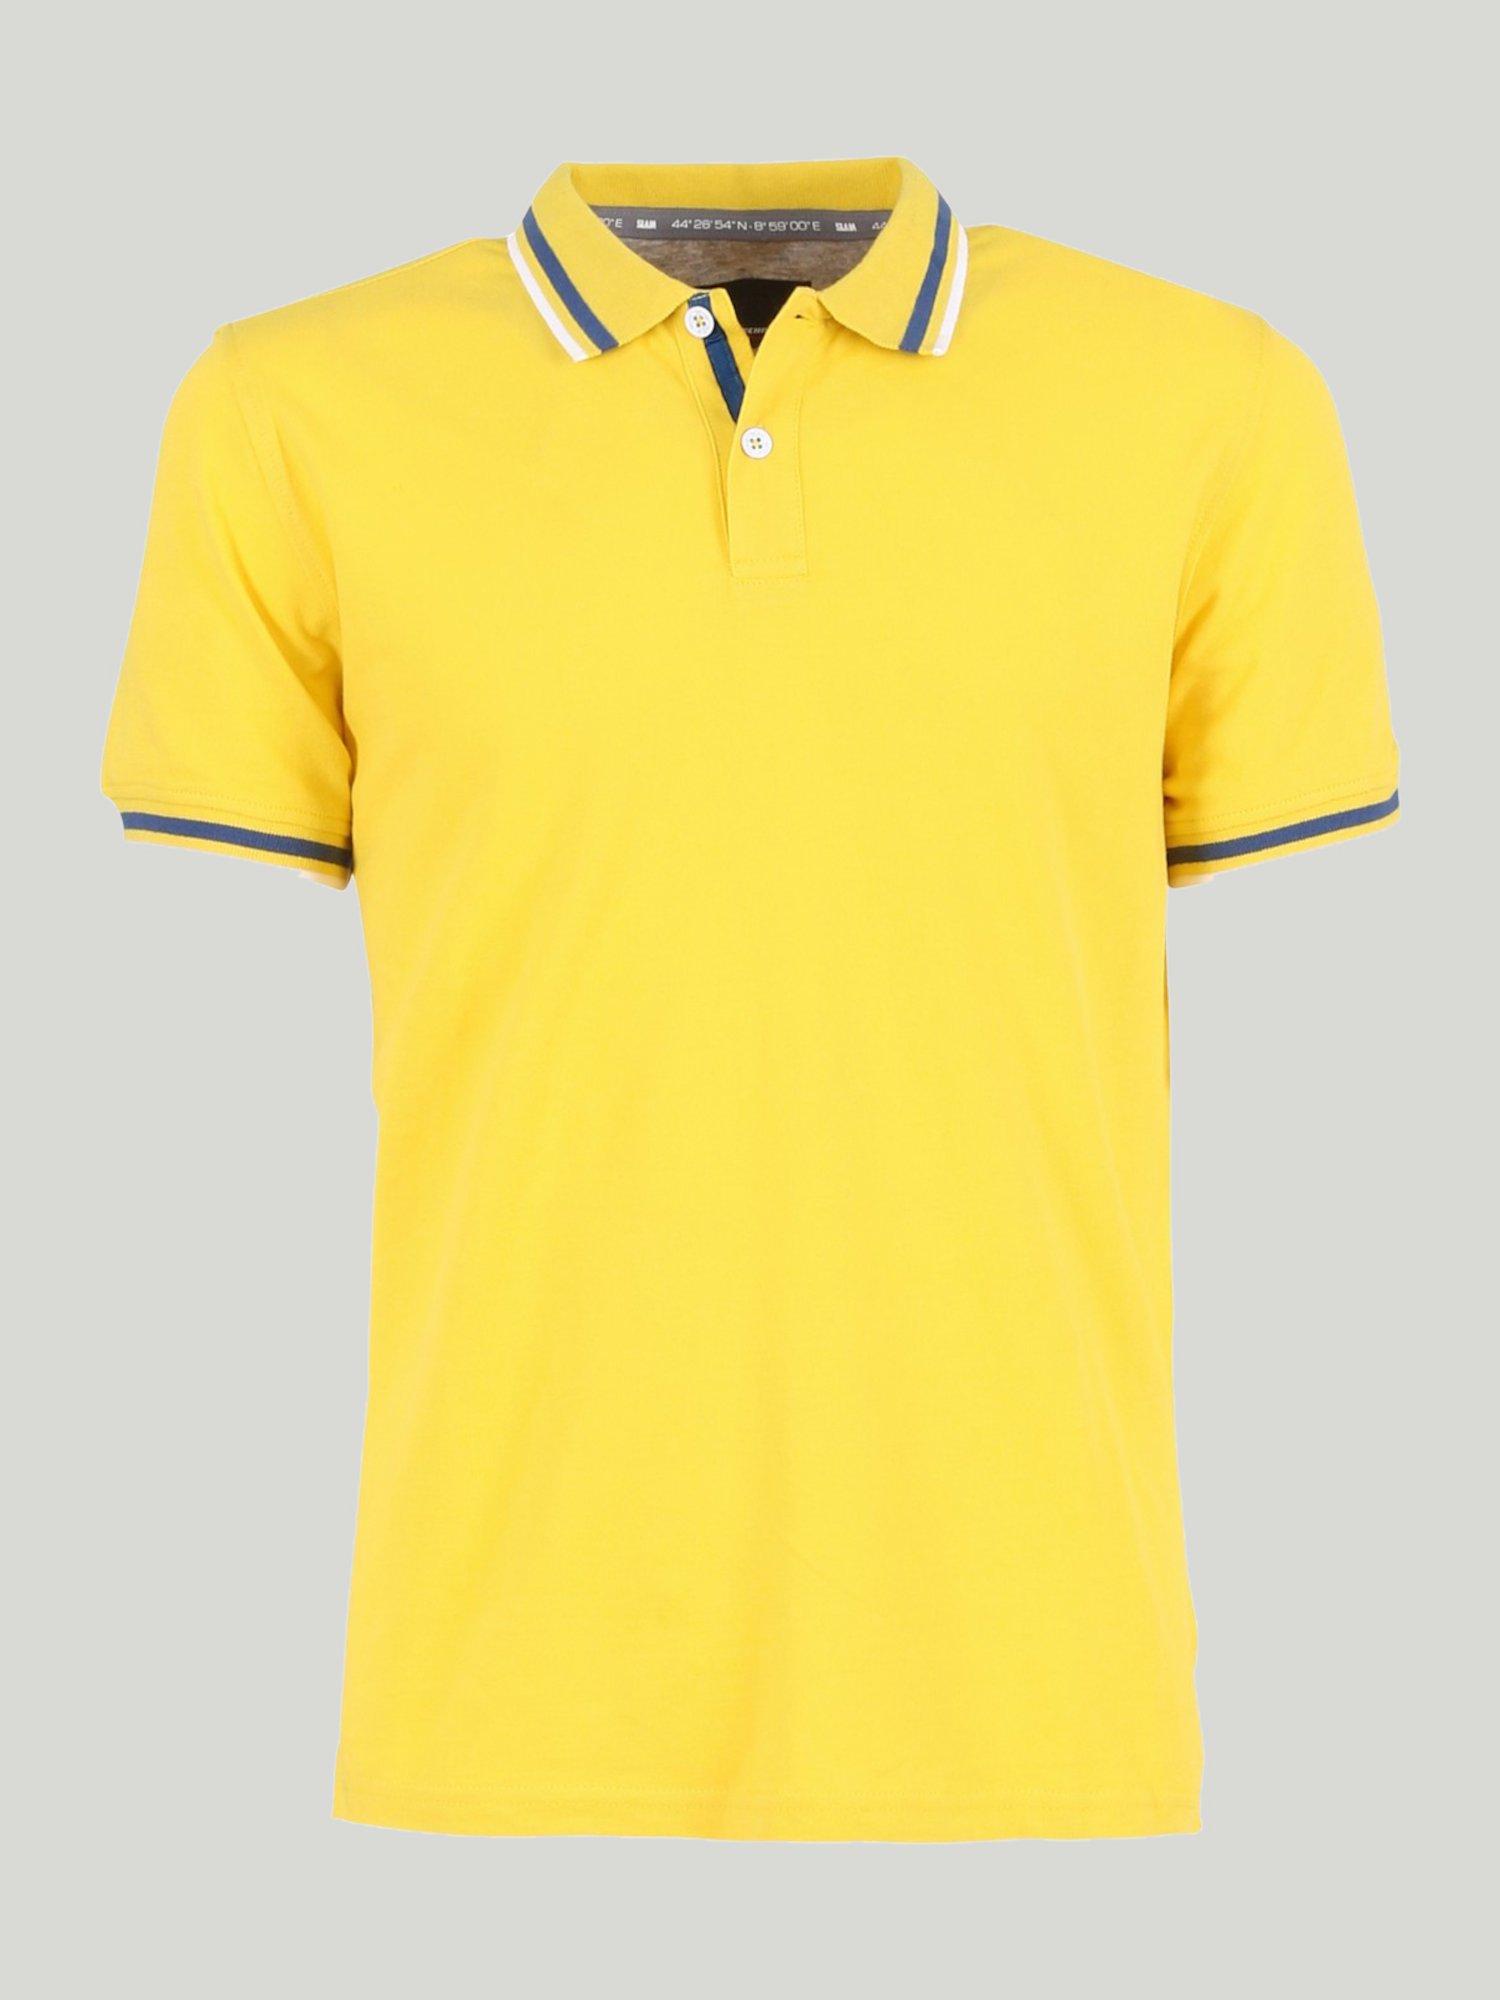 Genoa 2.1 polo shirt - Mais